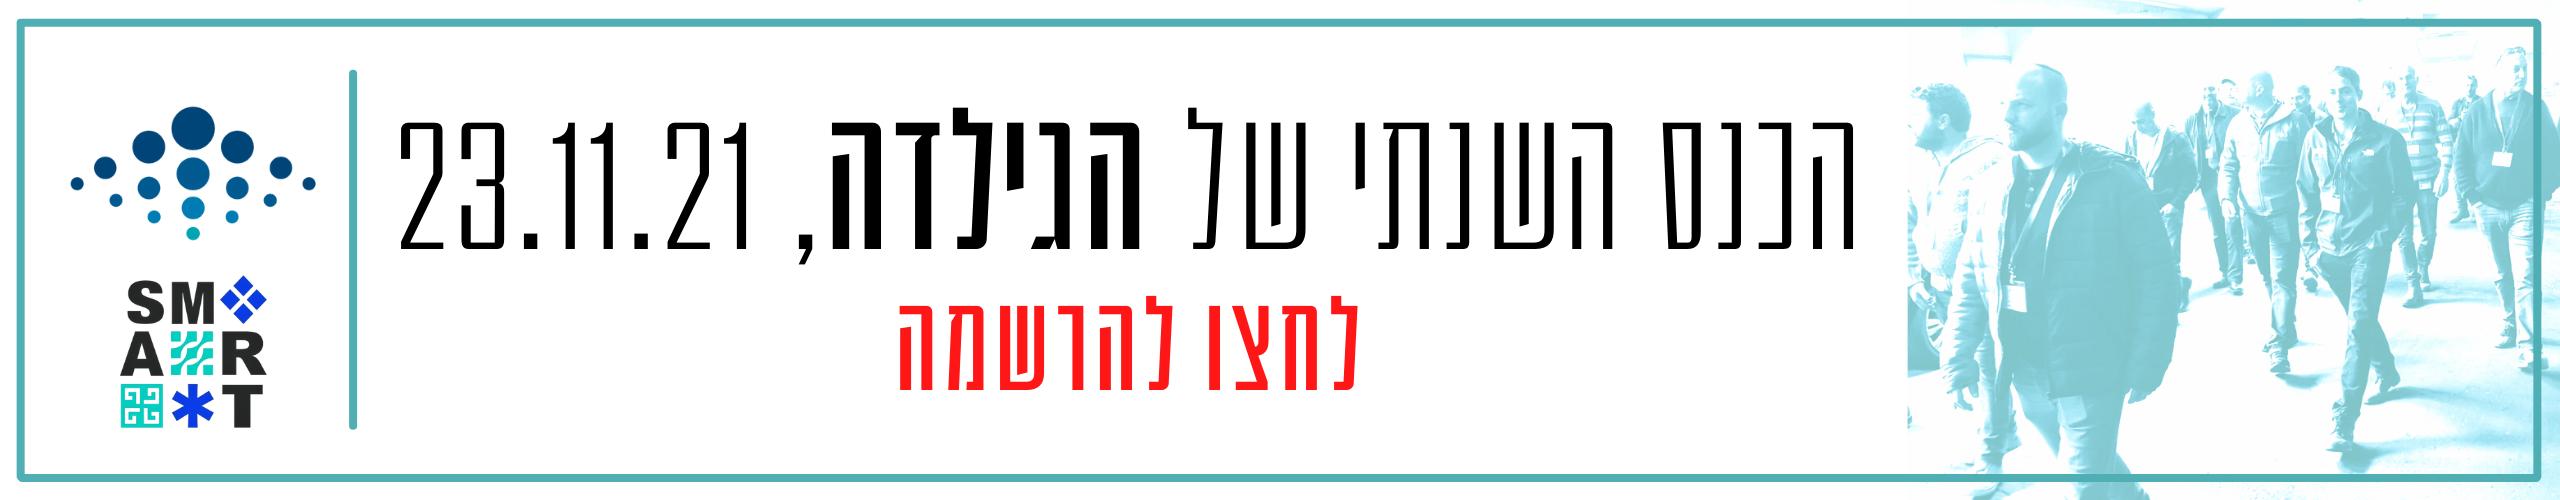 הכנס השנתי של הגילדה, 23.11.21